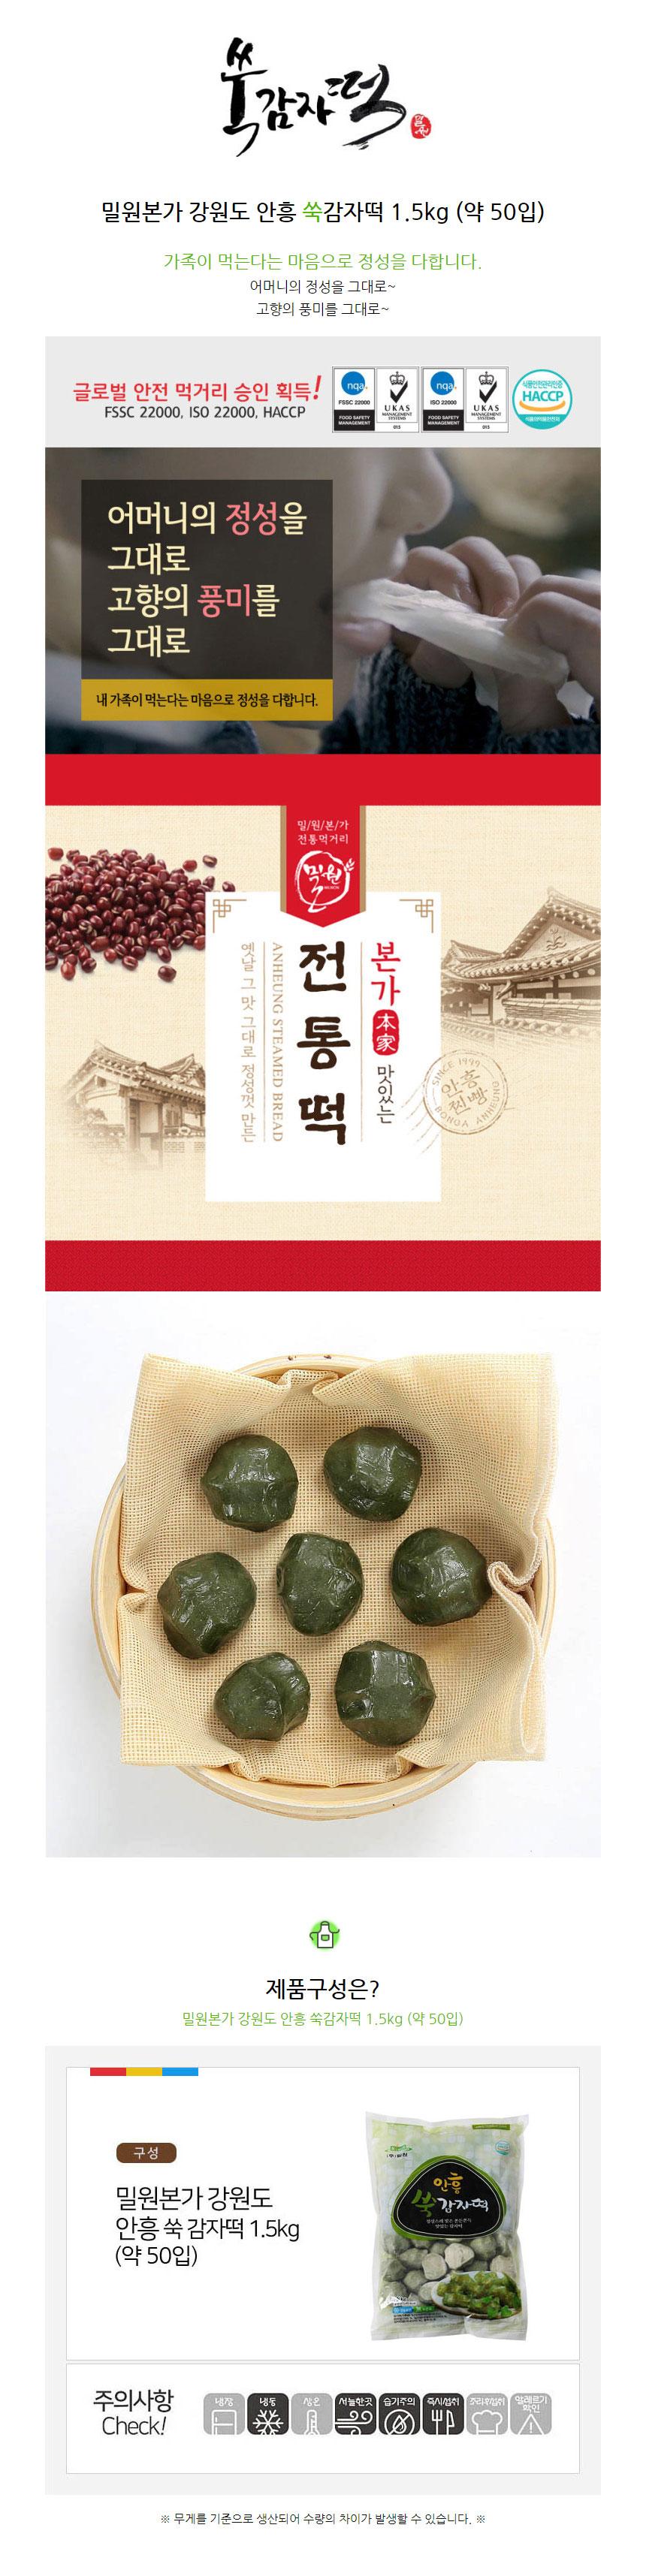 밀원본가 안흥찐빵 쑥감자떡 직판 밀원본가 강원도 안흥 감자떡 쑥